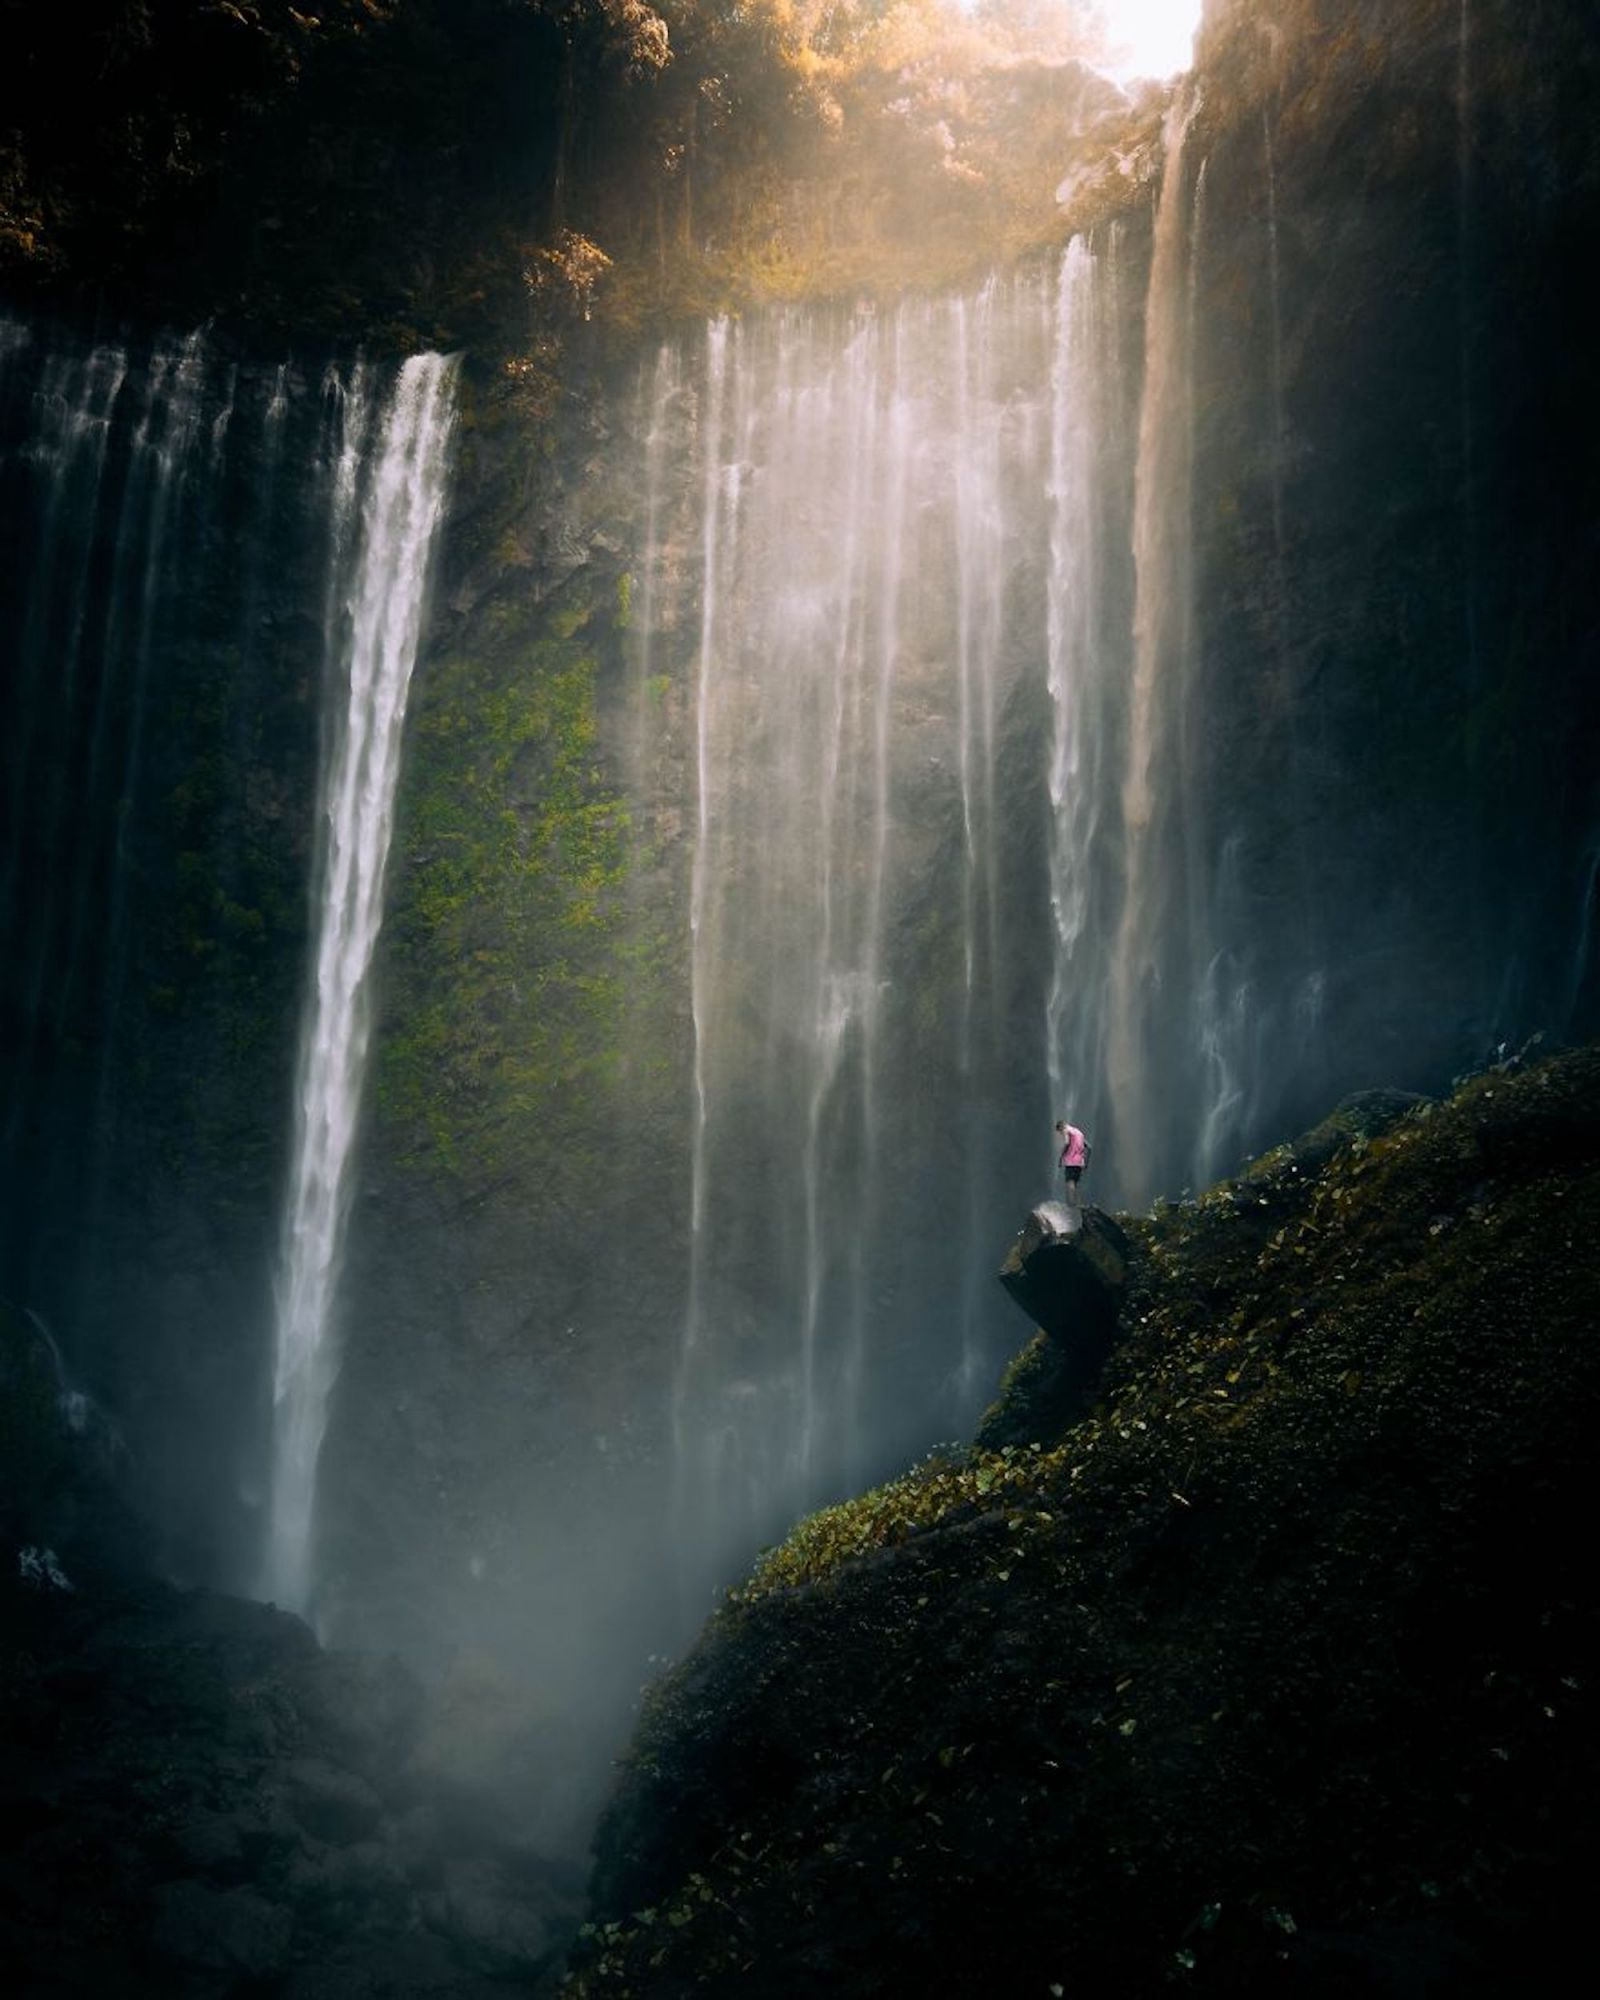 Tirar a foto sem molhar as lentes foi um exercício árduo para este fotógrafo em Tumpak Sewu, Java